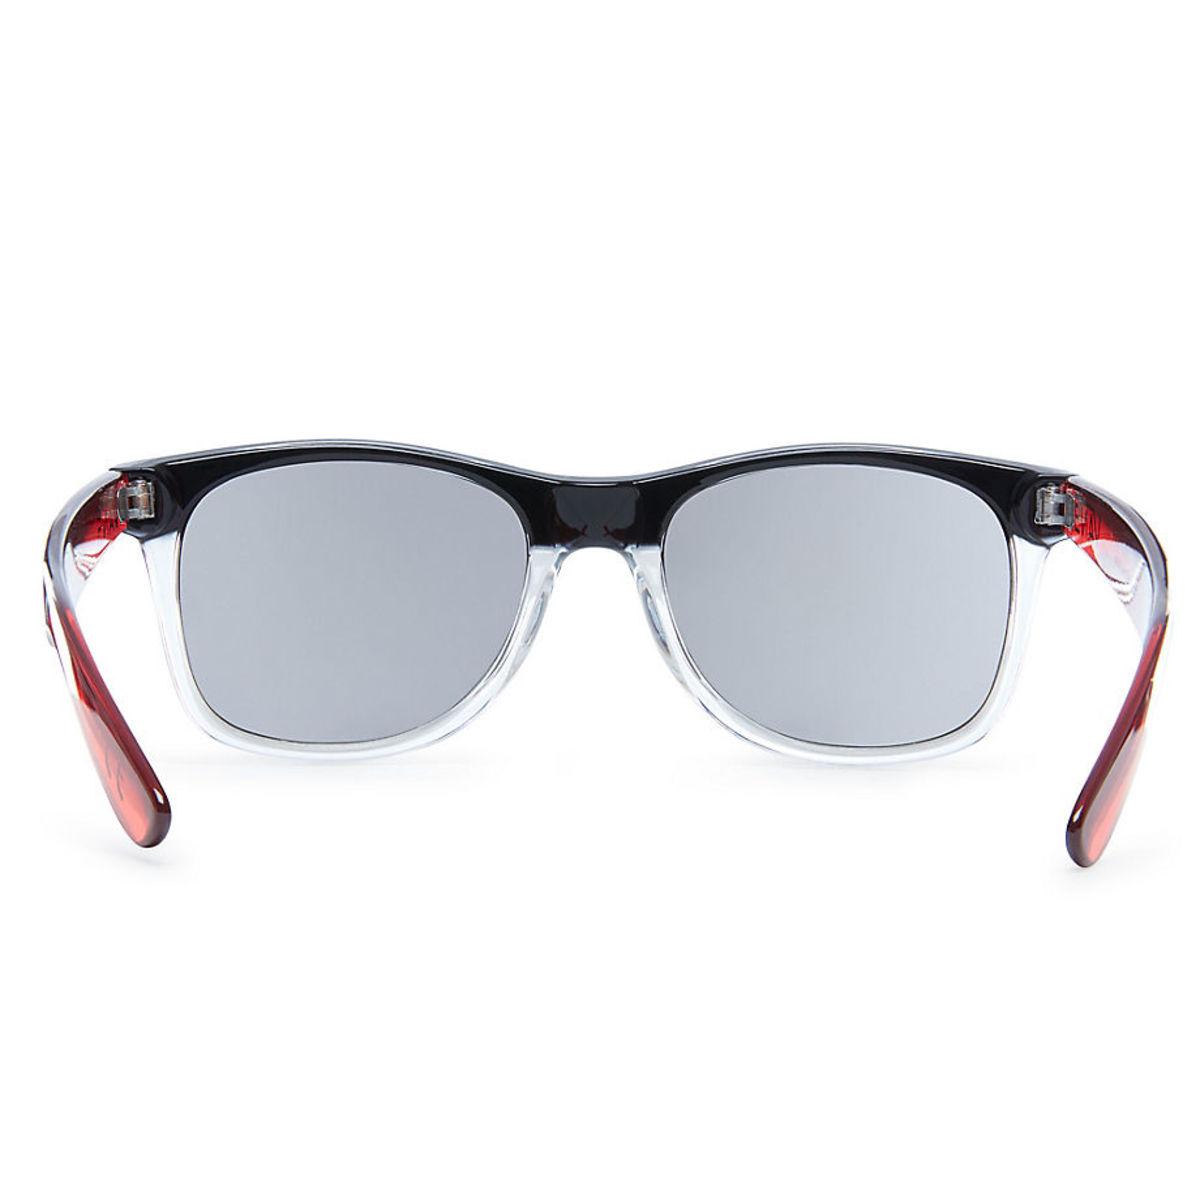 2af4882a3 okuliare slnečné VANS - MN SPICOLI 4 SHADES - CLEAR / BLACK ...